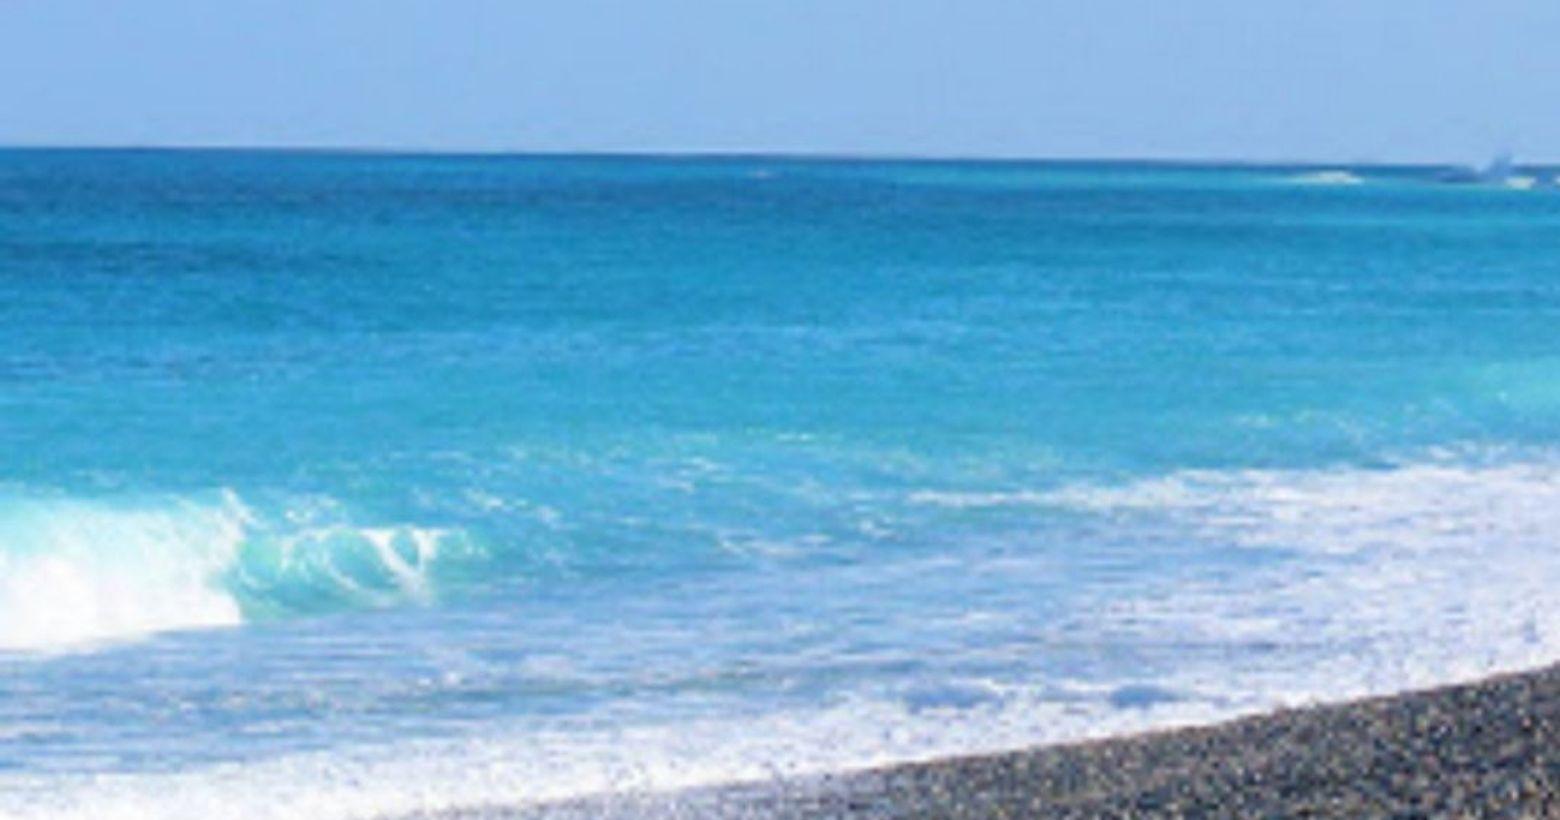 海 V.S 天我常在想如果海與天坐在一起是怎樣的景色?它們是會像老朋友一樣話家常嗎?還是它們會像老夫